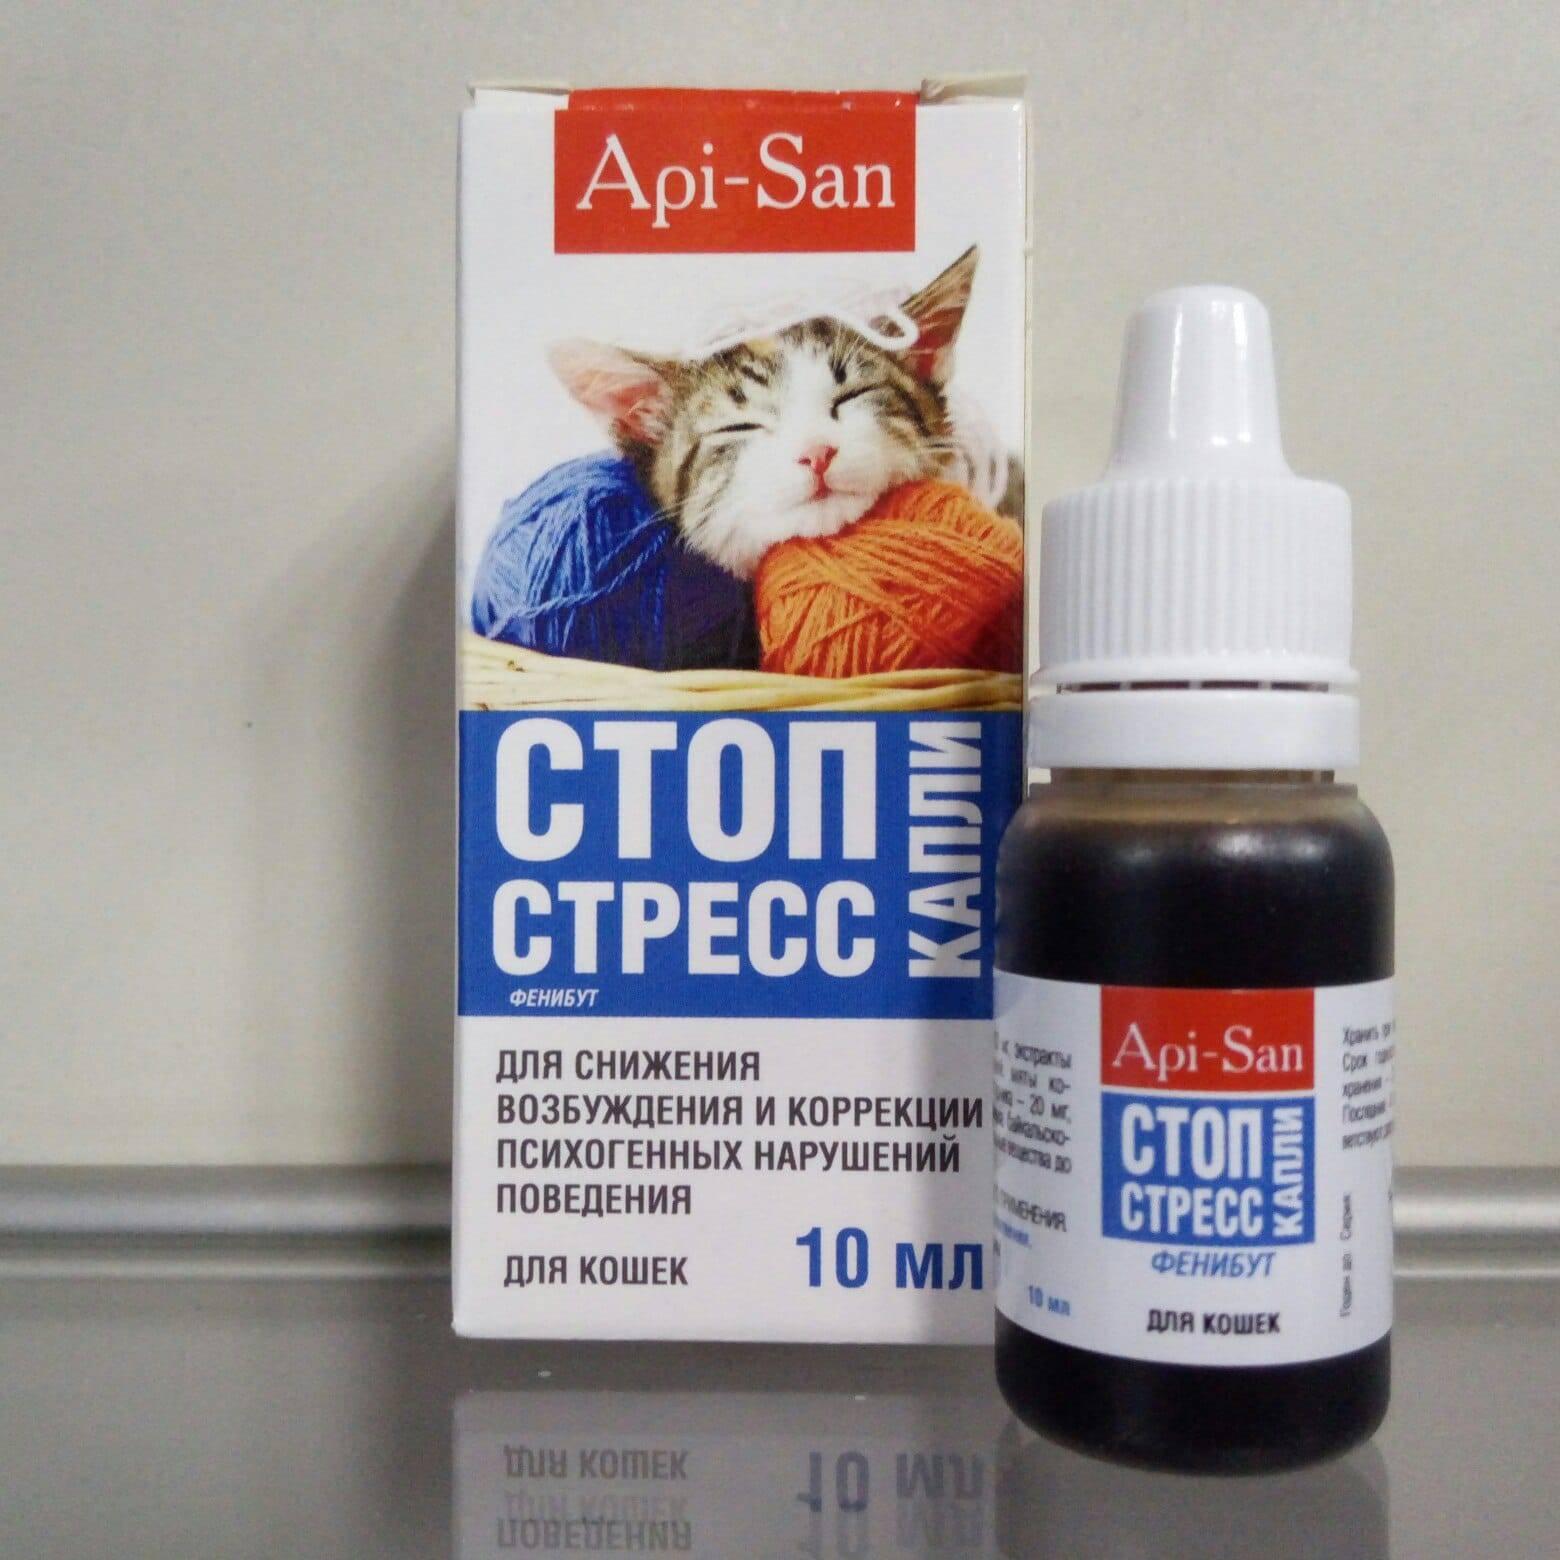 Инструкция по применению капель и таблеток для кошек «стоп-стресс»: дозировка, кратность приема и длительность лечения